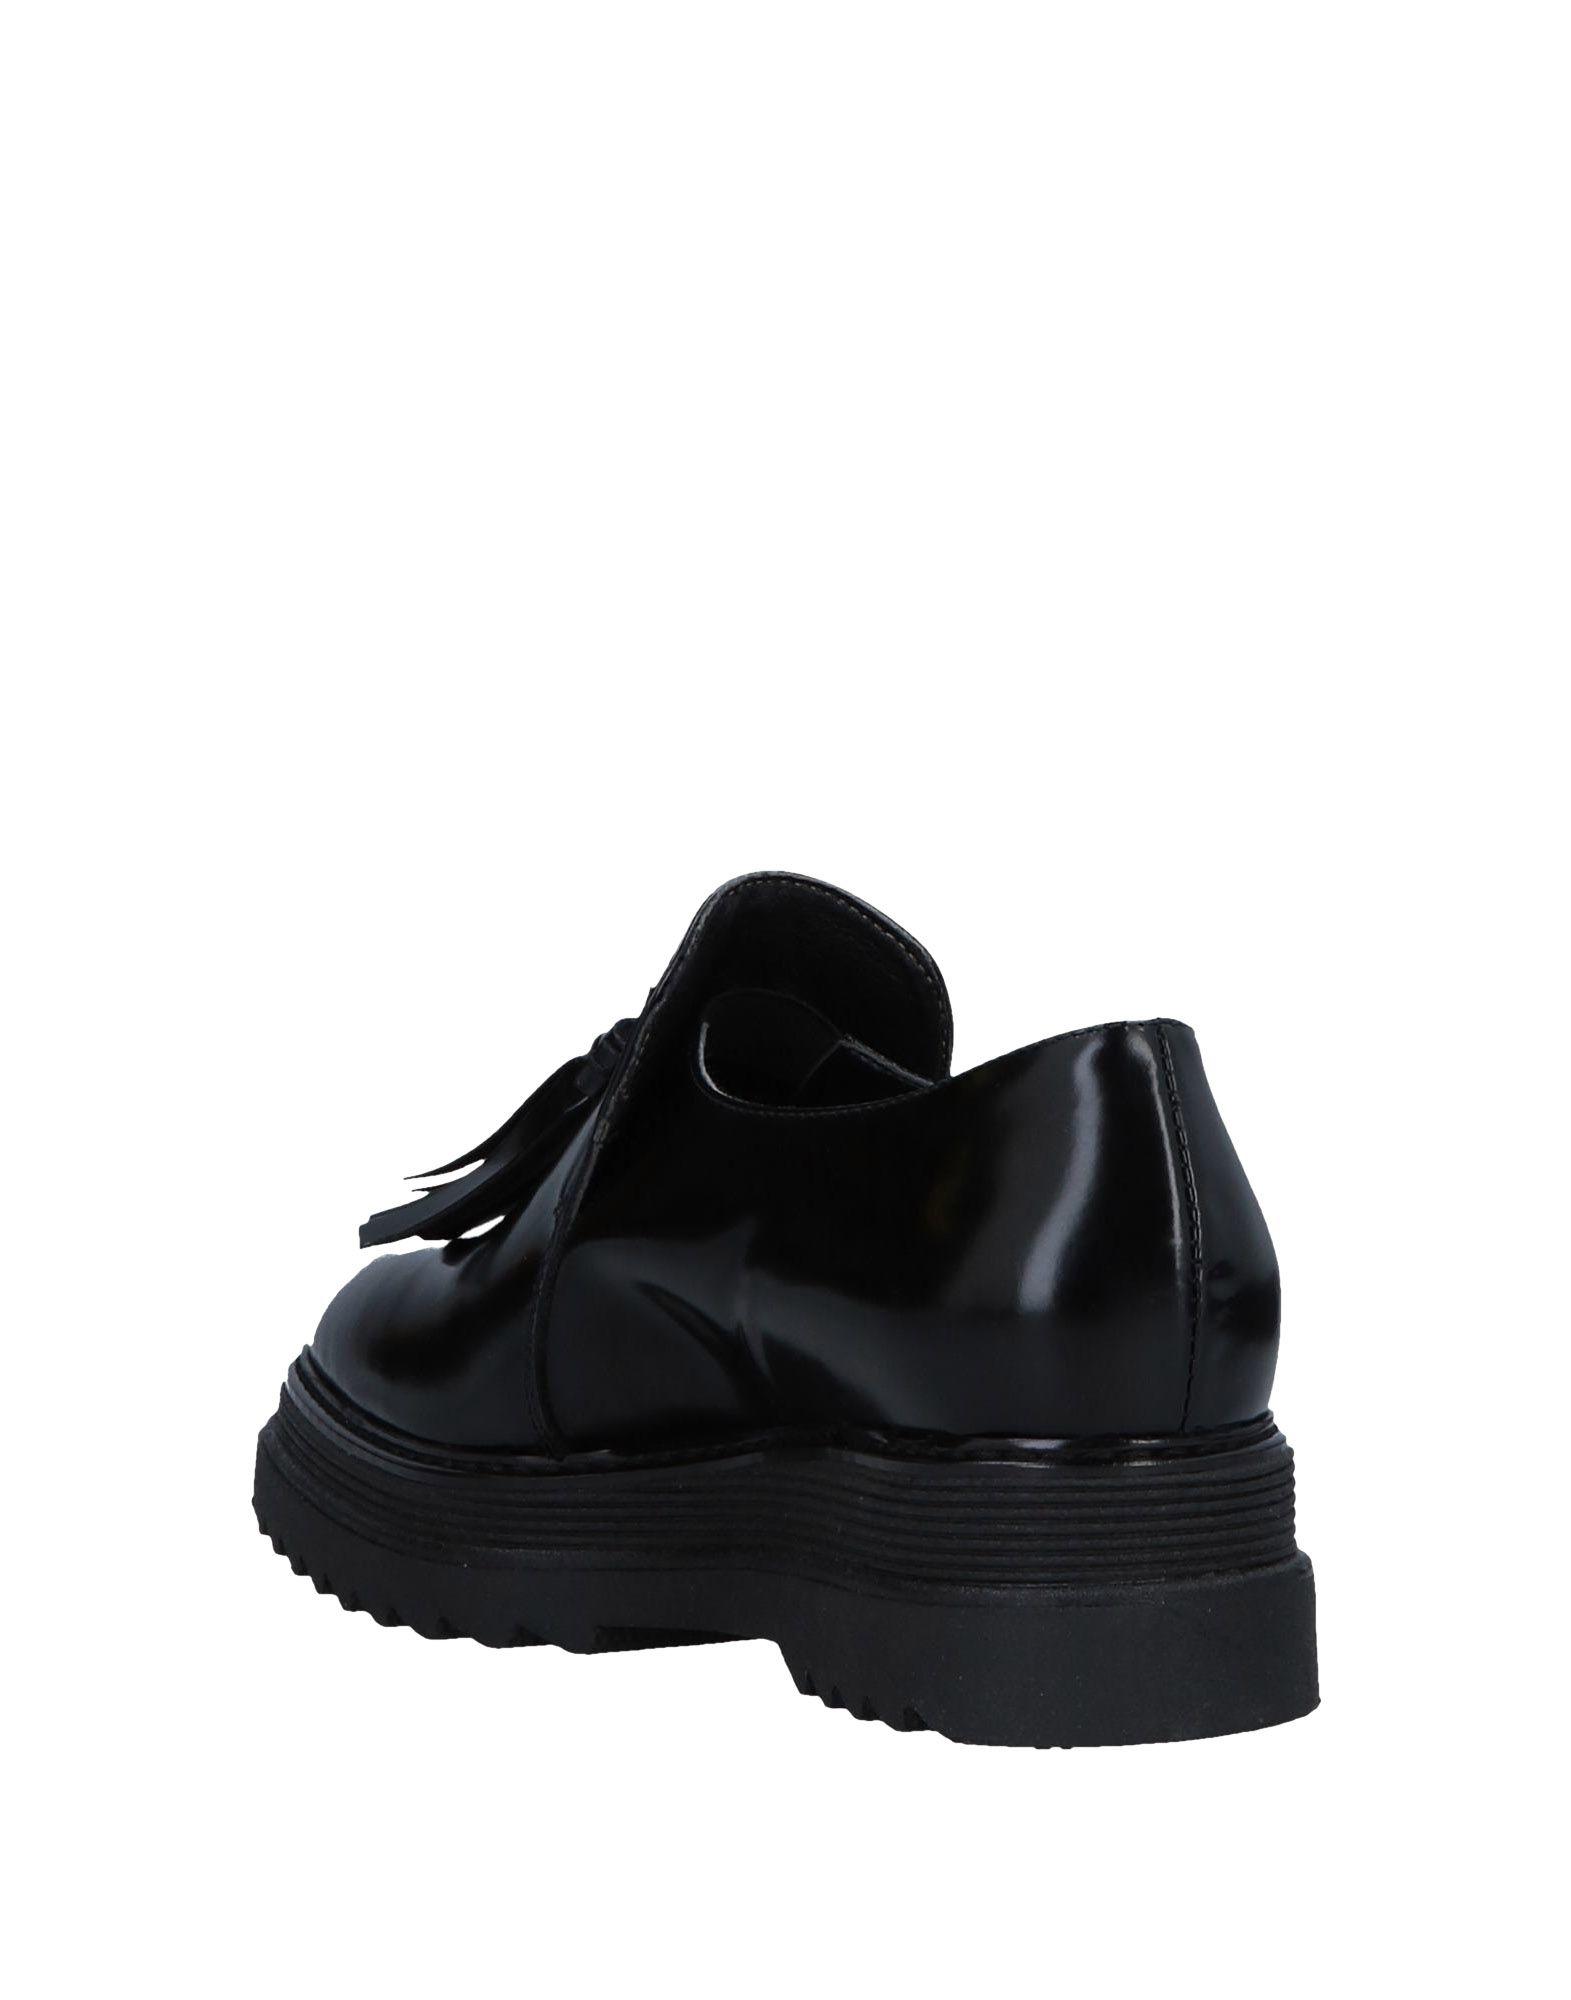 Stilvolle billige Schuhe Loretta By Loretta Loretta Loretta Schnürschuhe Damen  11506336FK 0b3d4a